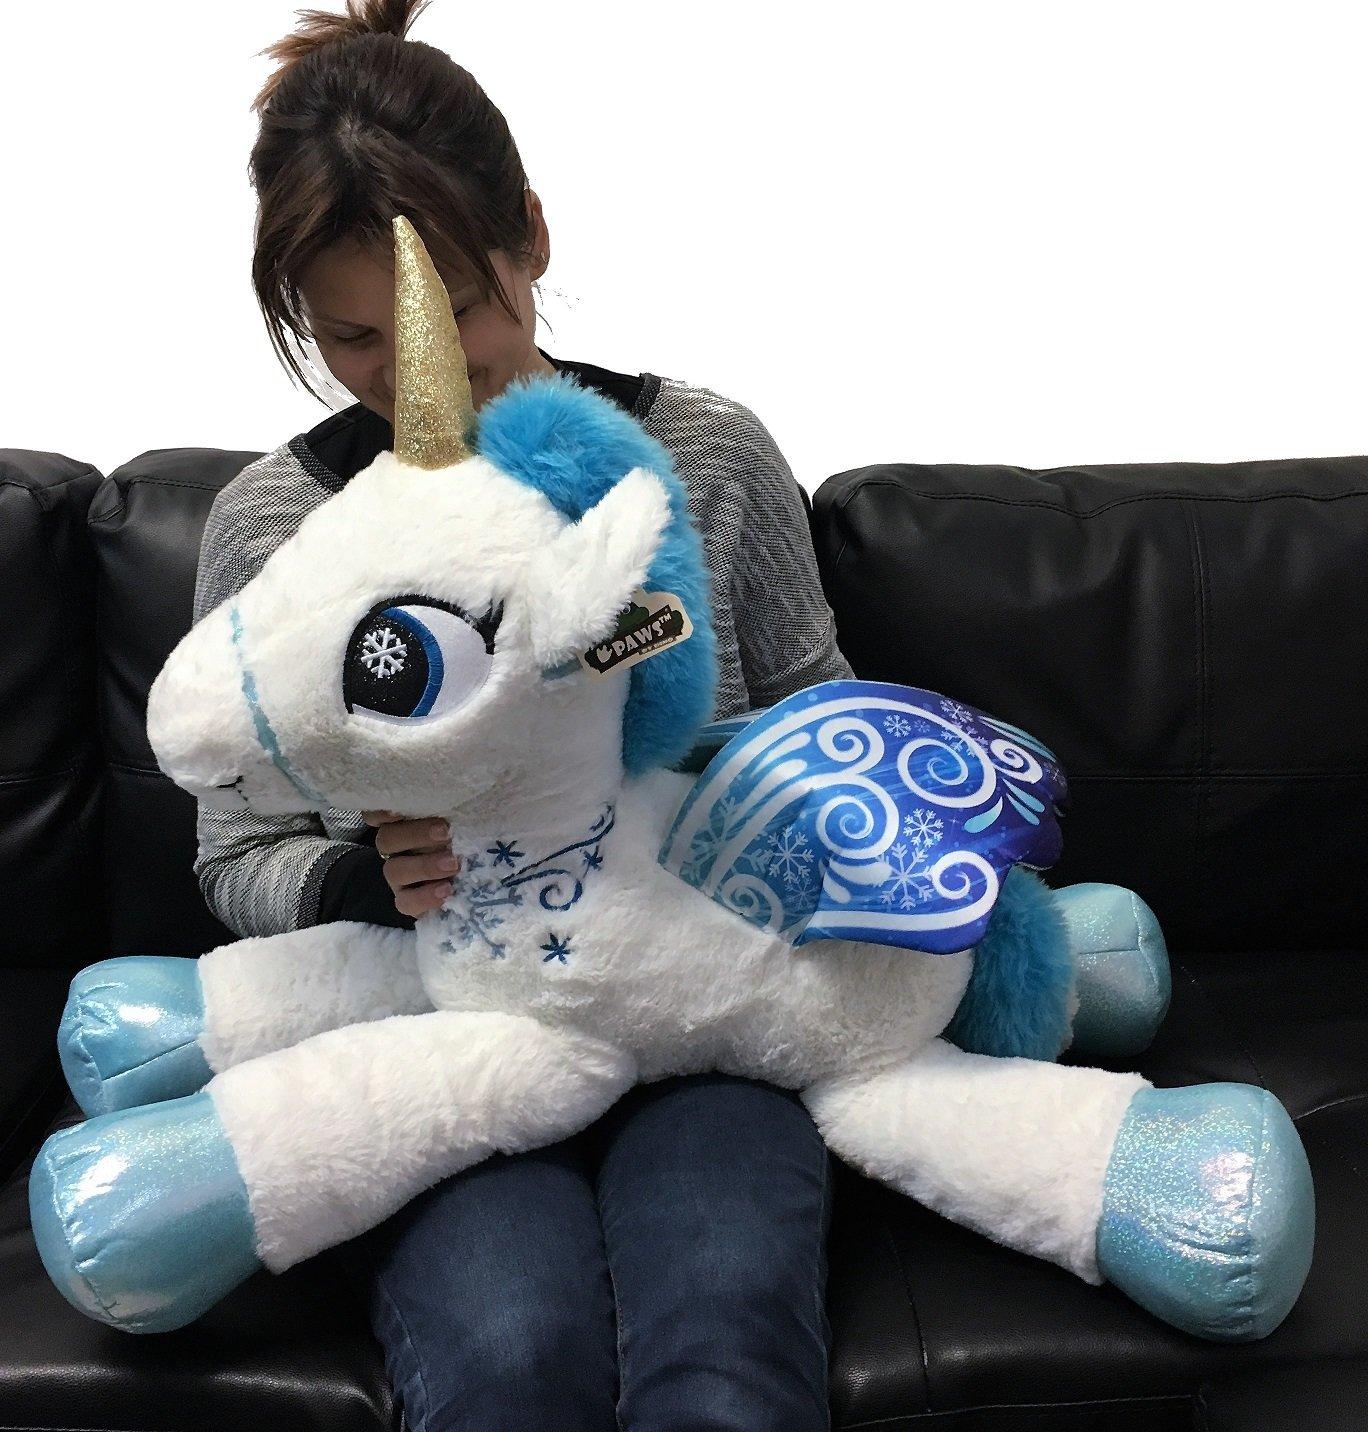 ab0f190783 Grande Peluche Unicorno Pony Cavallo Bianco 75 cm per Bambini Ragazzi  Adulti San Valentino: Amazon.it: Giochi e giocattoli